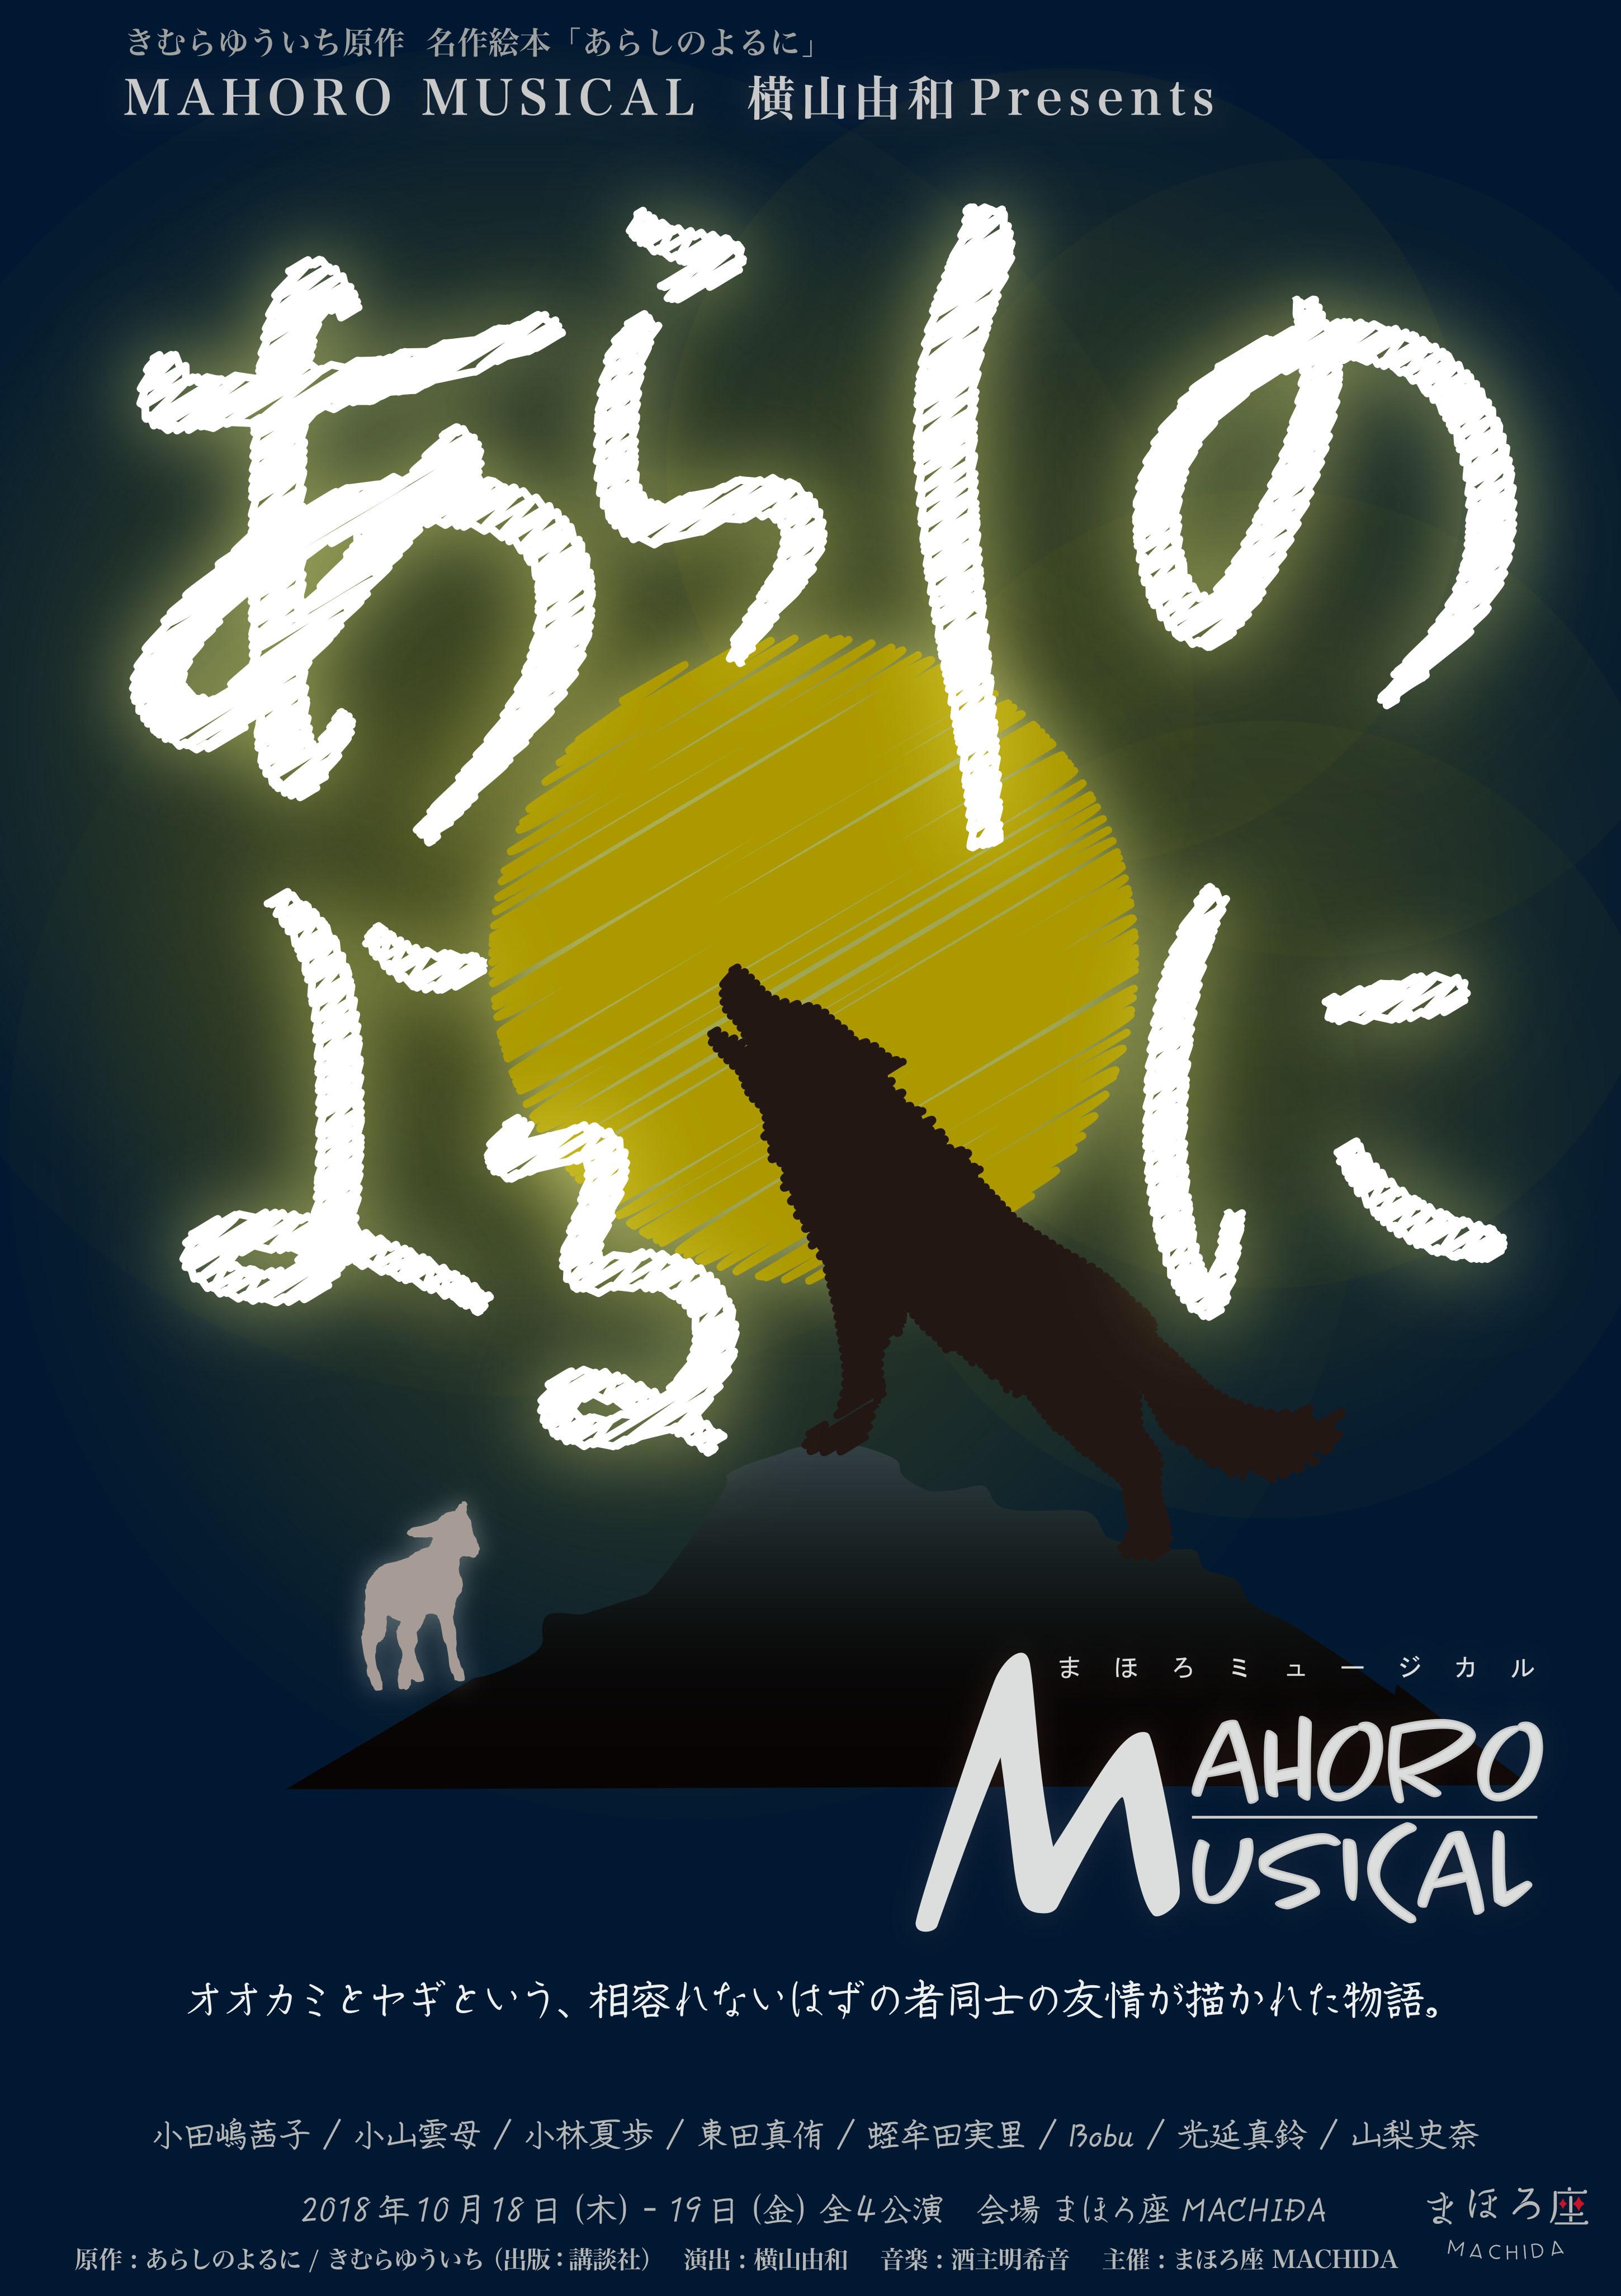 【18日昼】MAHORO MUSICAL 横山由和Presents 「あらしのよるに」